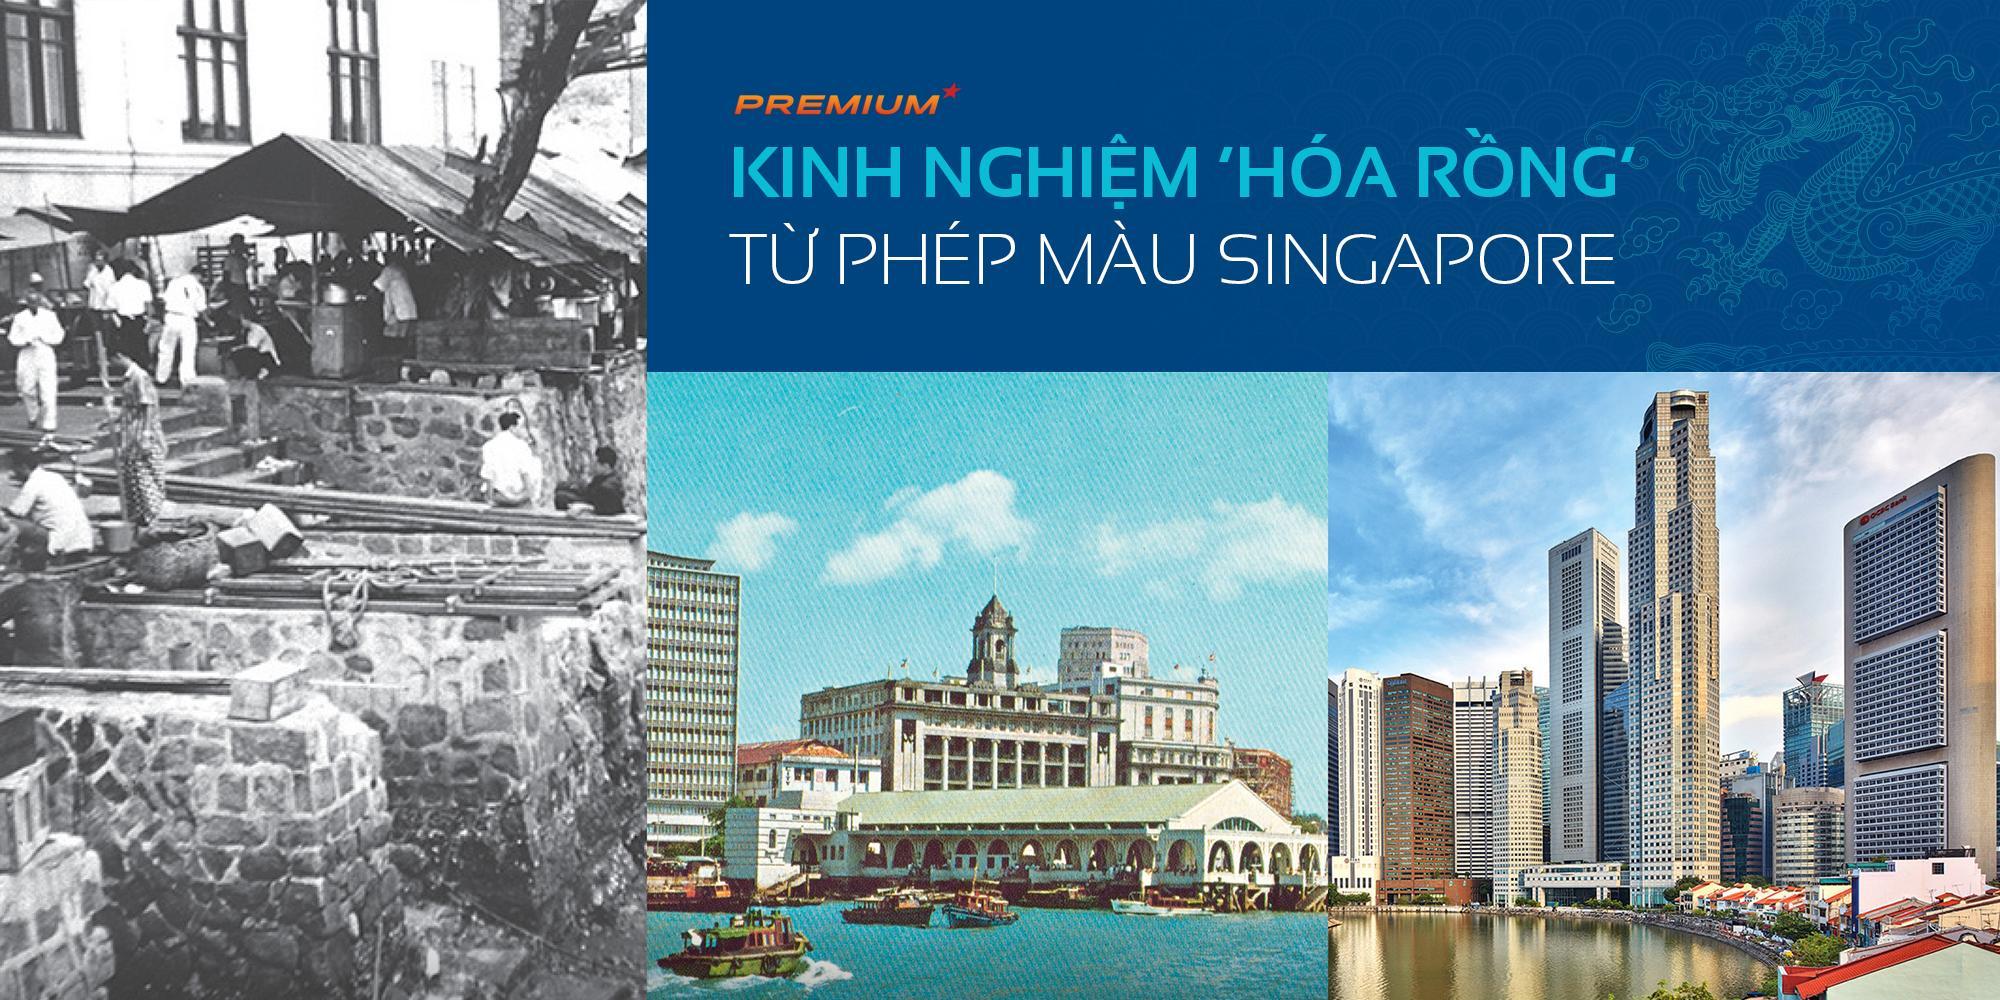 Kinh nghiệm 'hóa rồng' từ phép màu Singapore